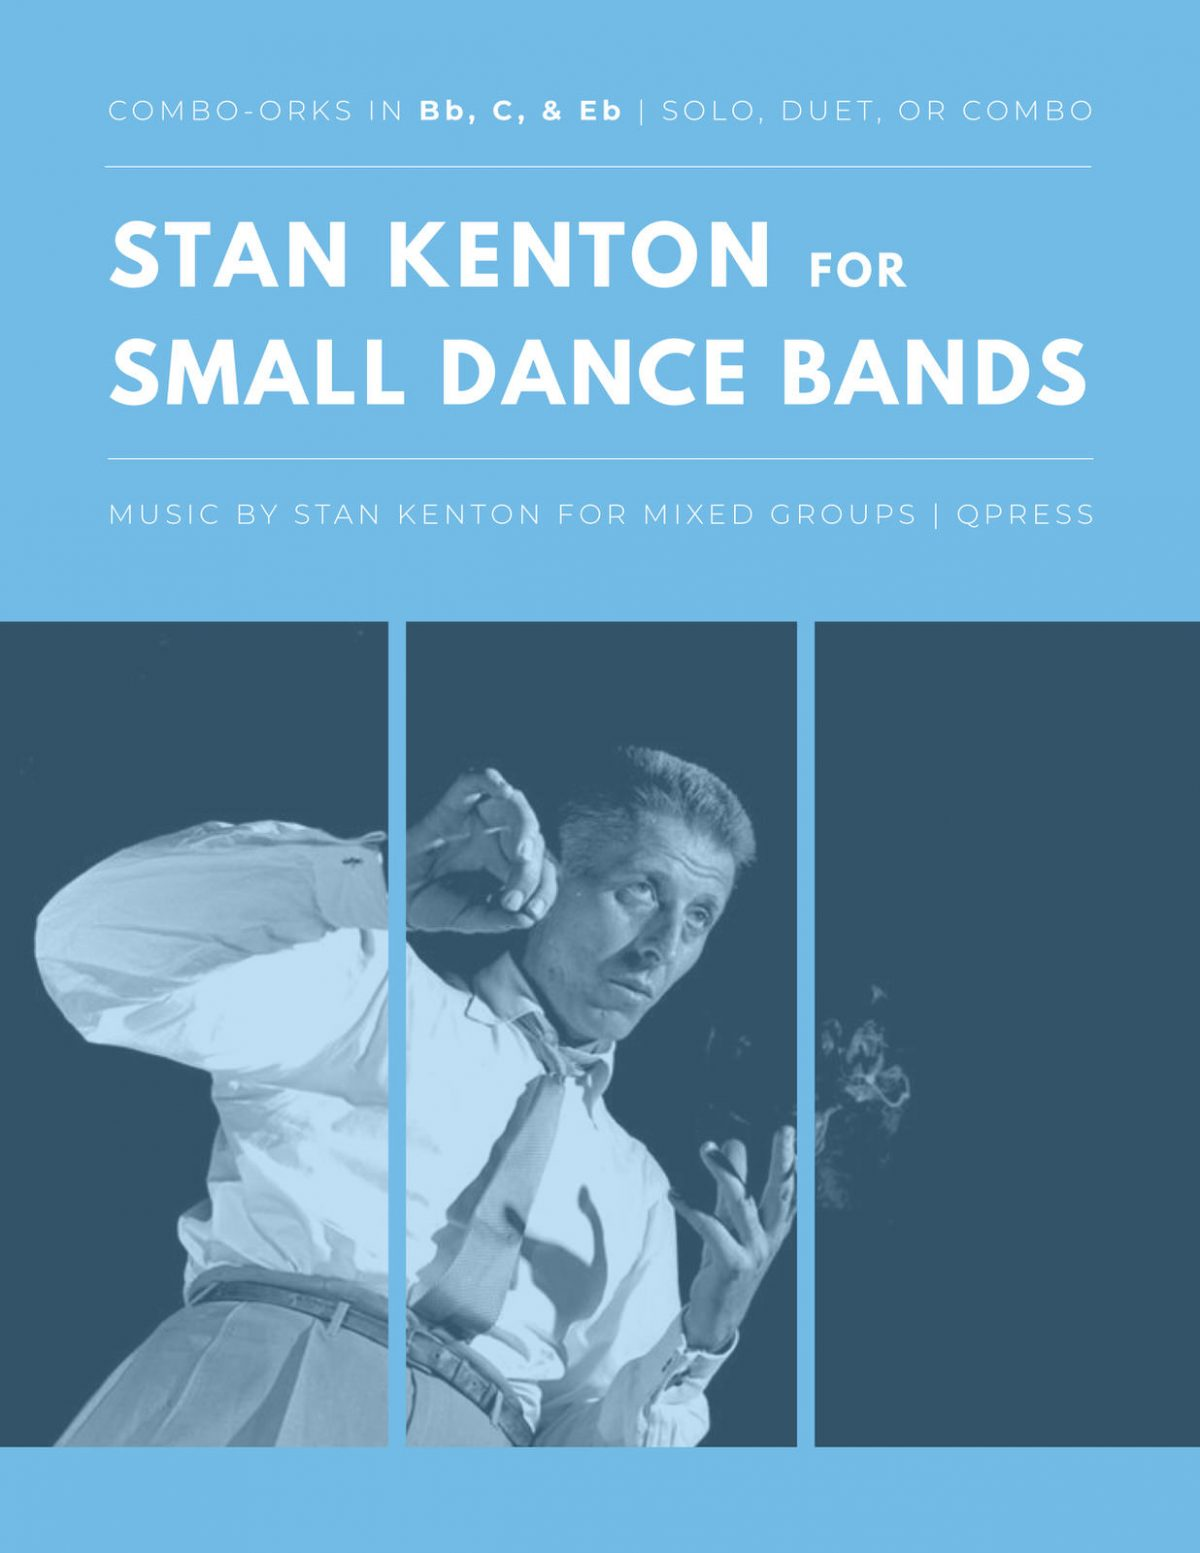 kenton featured